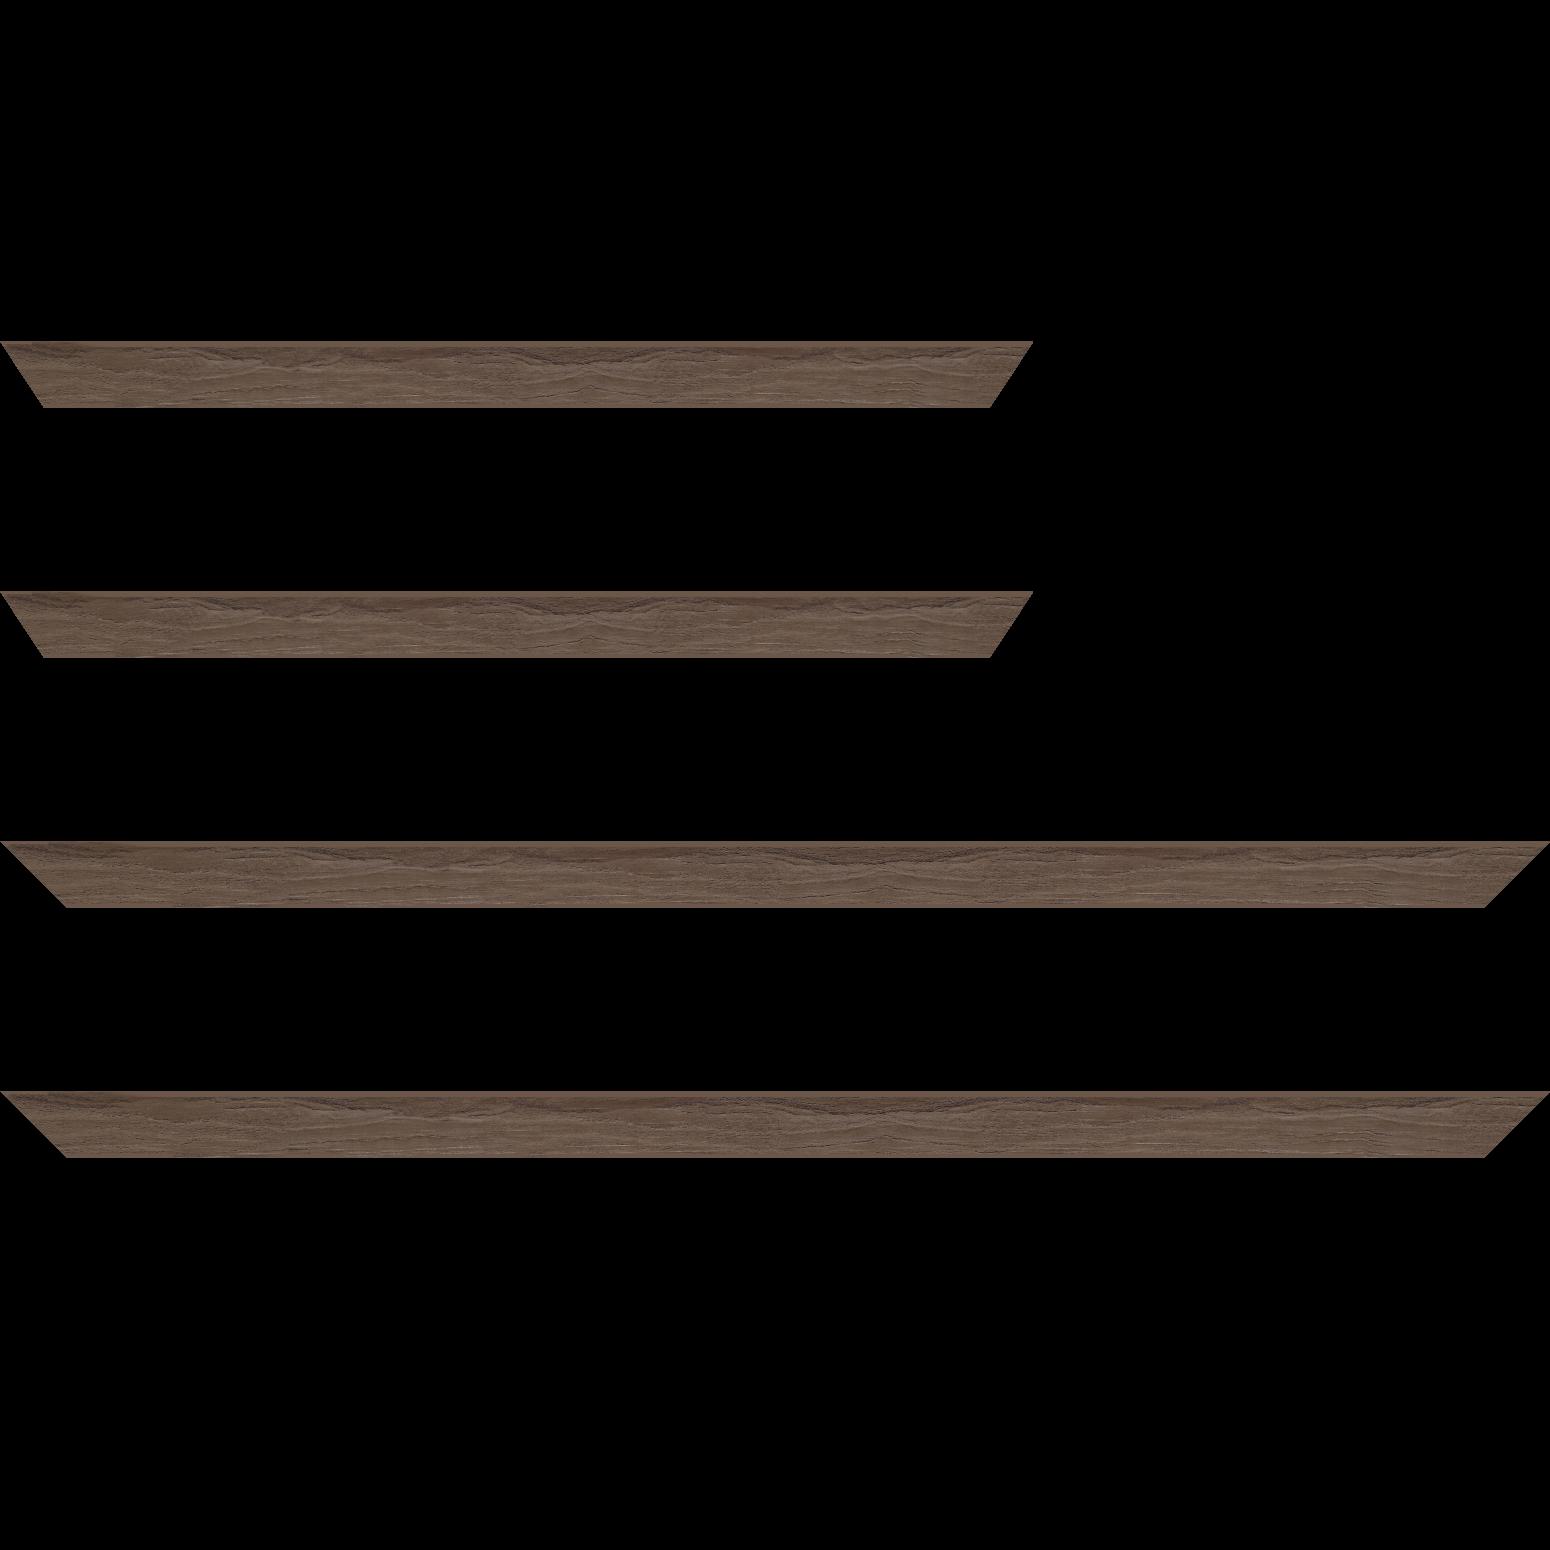 Baguette service précoupé Bois profil plat largeur 2.6cm hauteur 5cm décor bois noyer